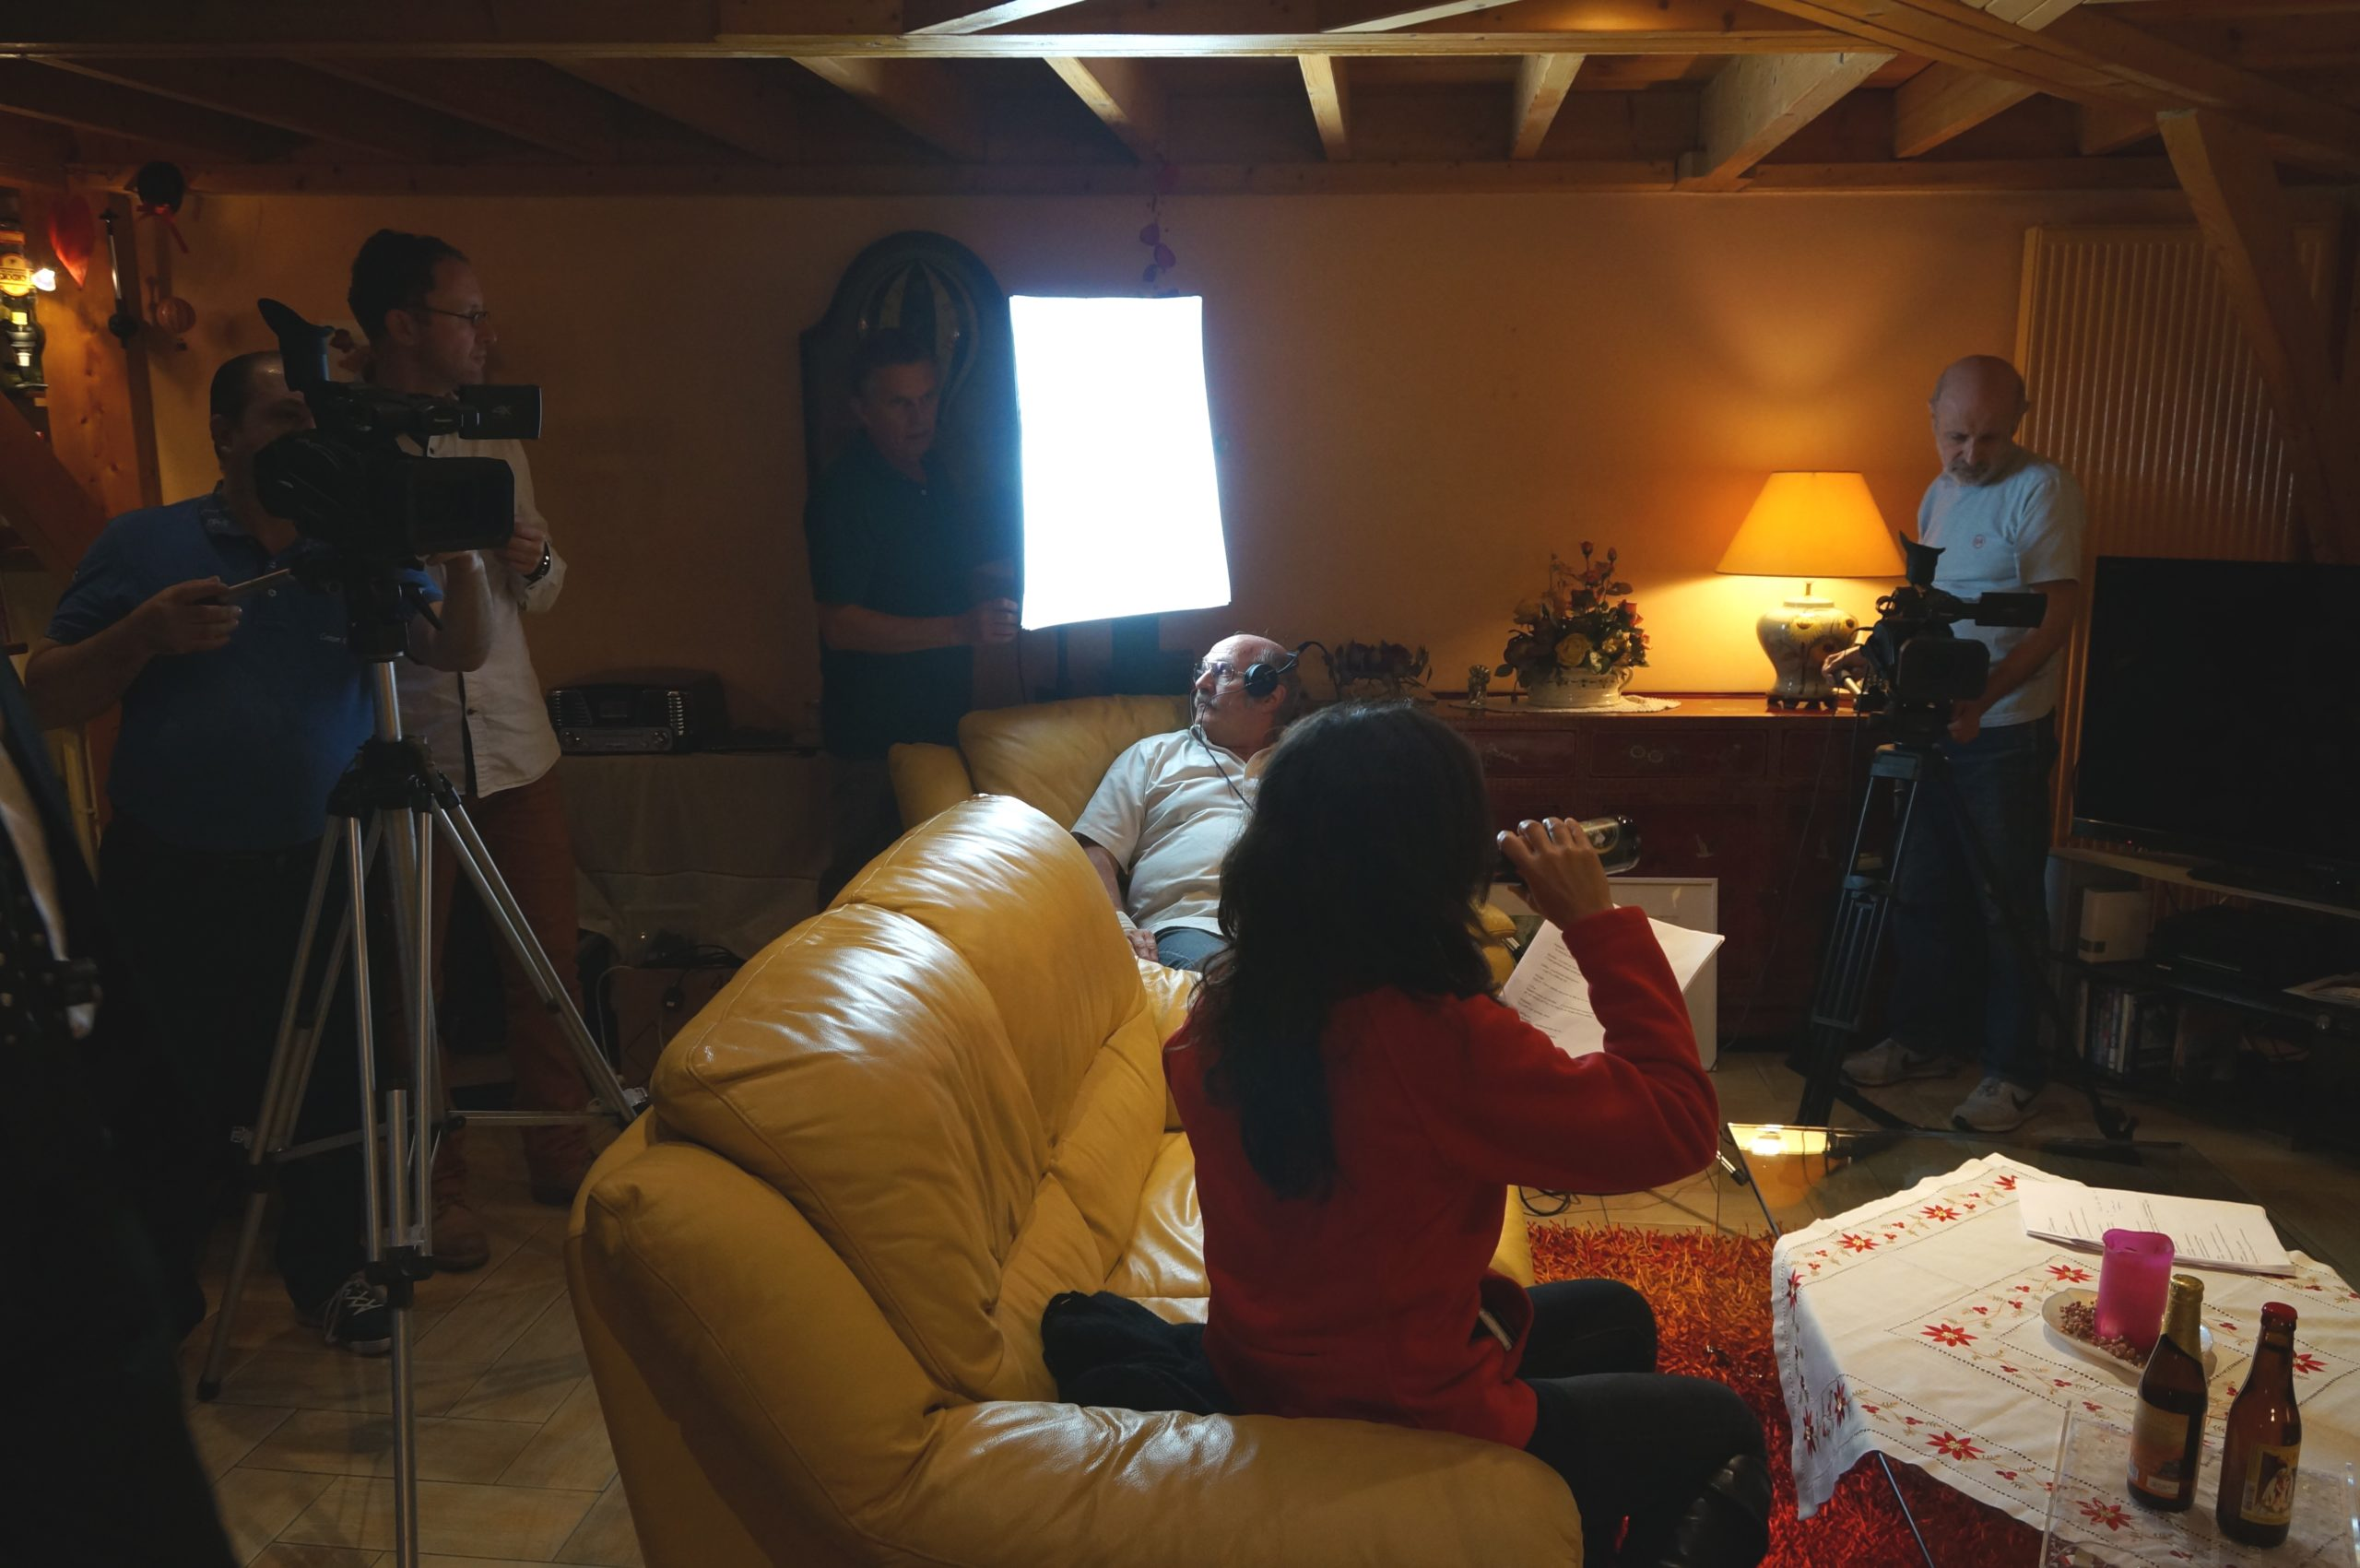 Tontons cadreurs 48hfp 2016 Portrait de famille tournage 2